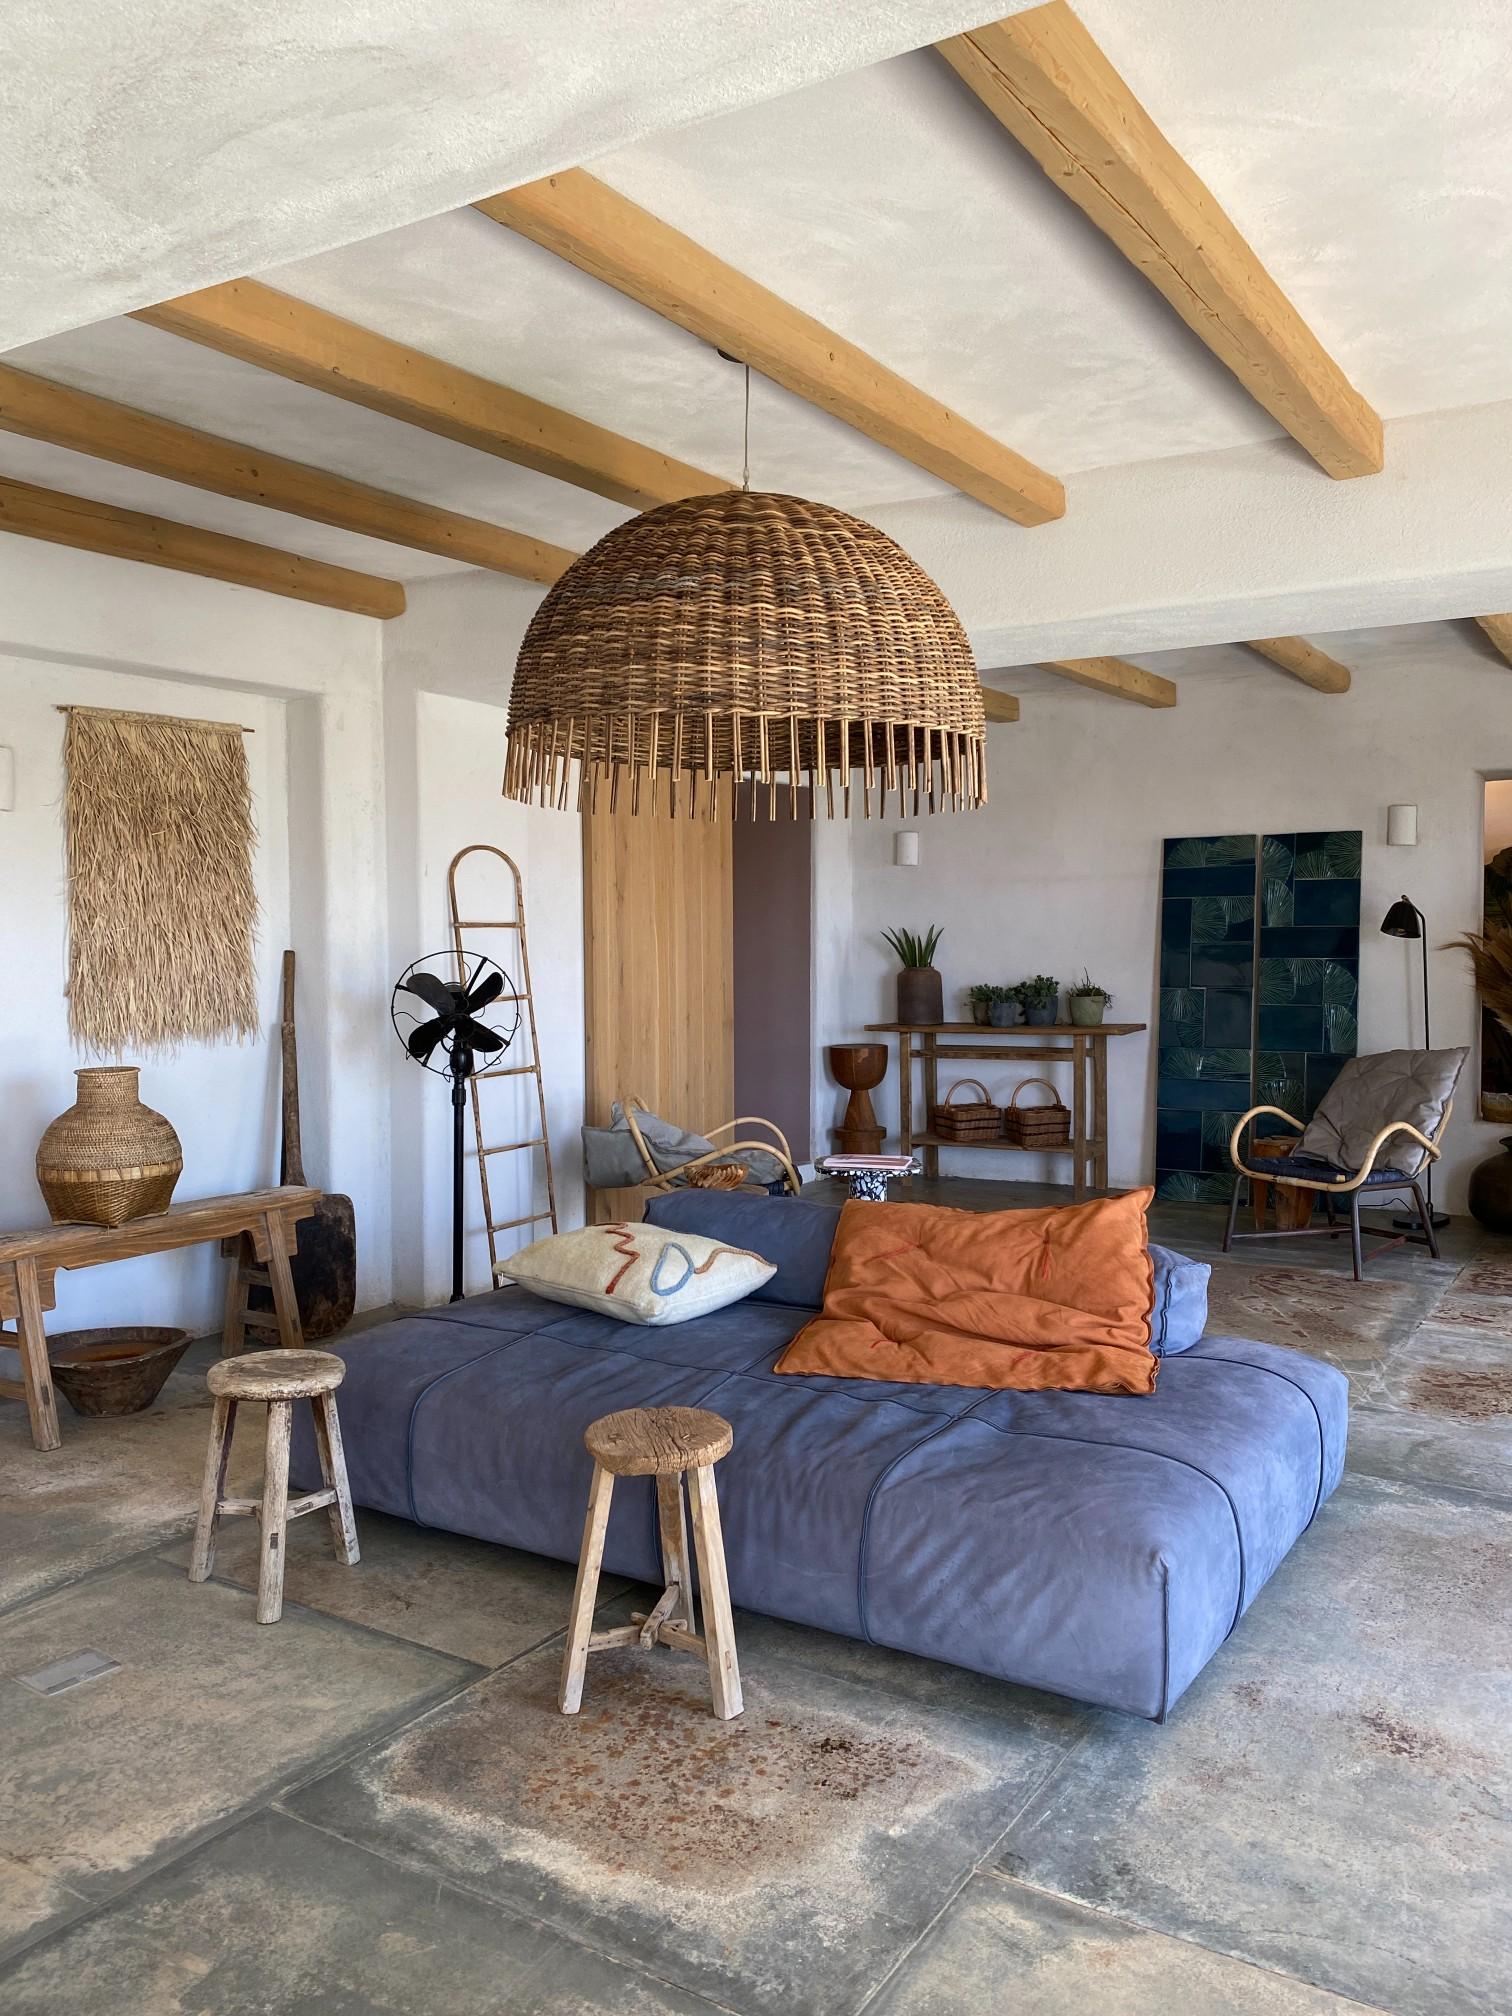 Evasion : le Wild Hotel, pépite bohème chic sur l'île de Mykonos - 1